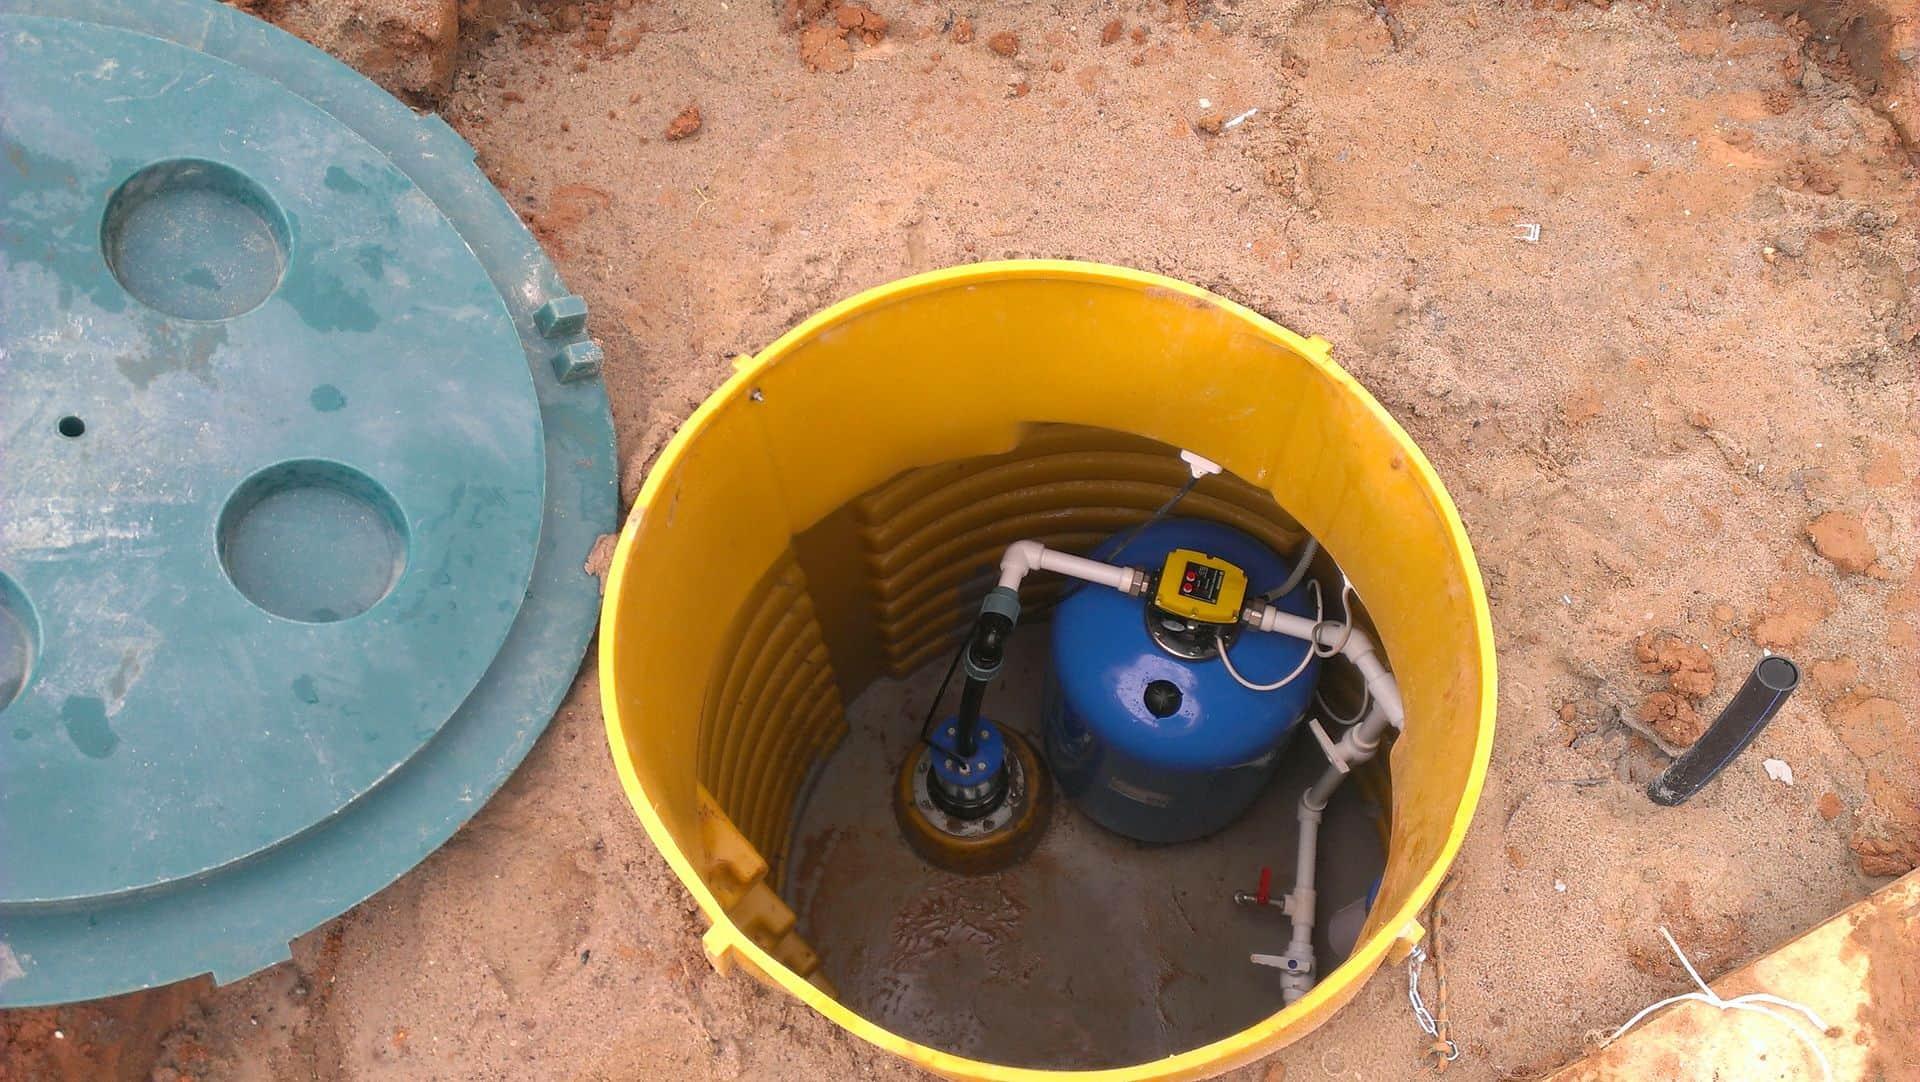 Монтаж пластикового кессона для скважин и его преимущества